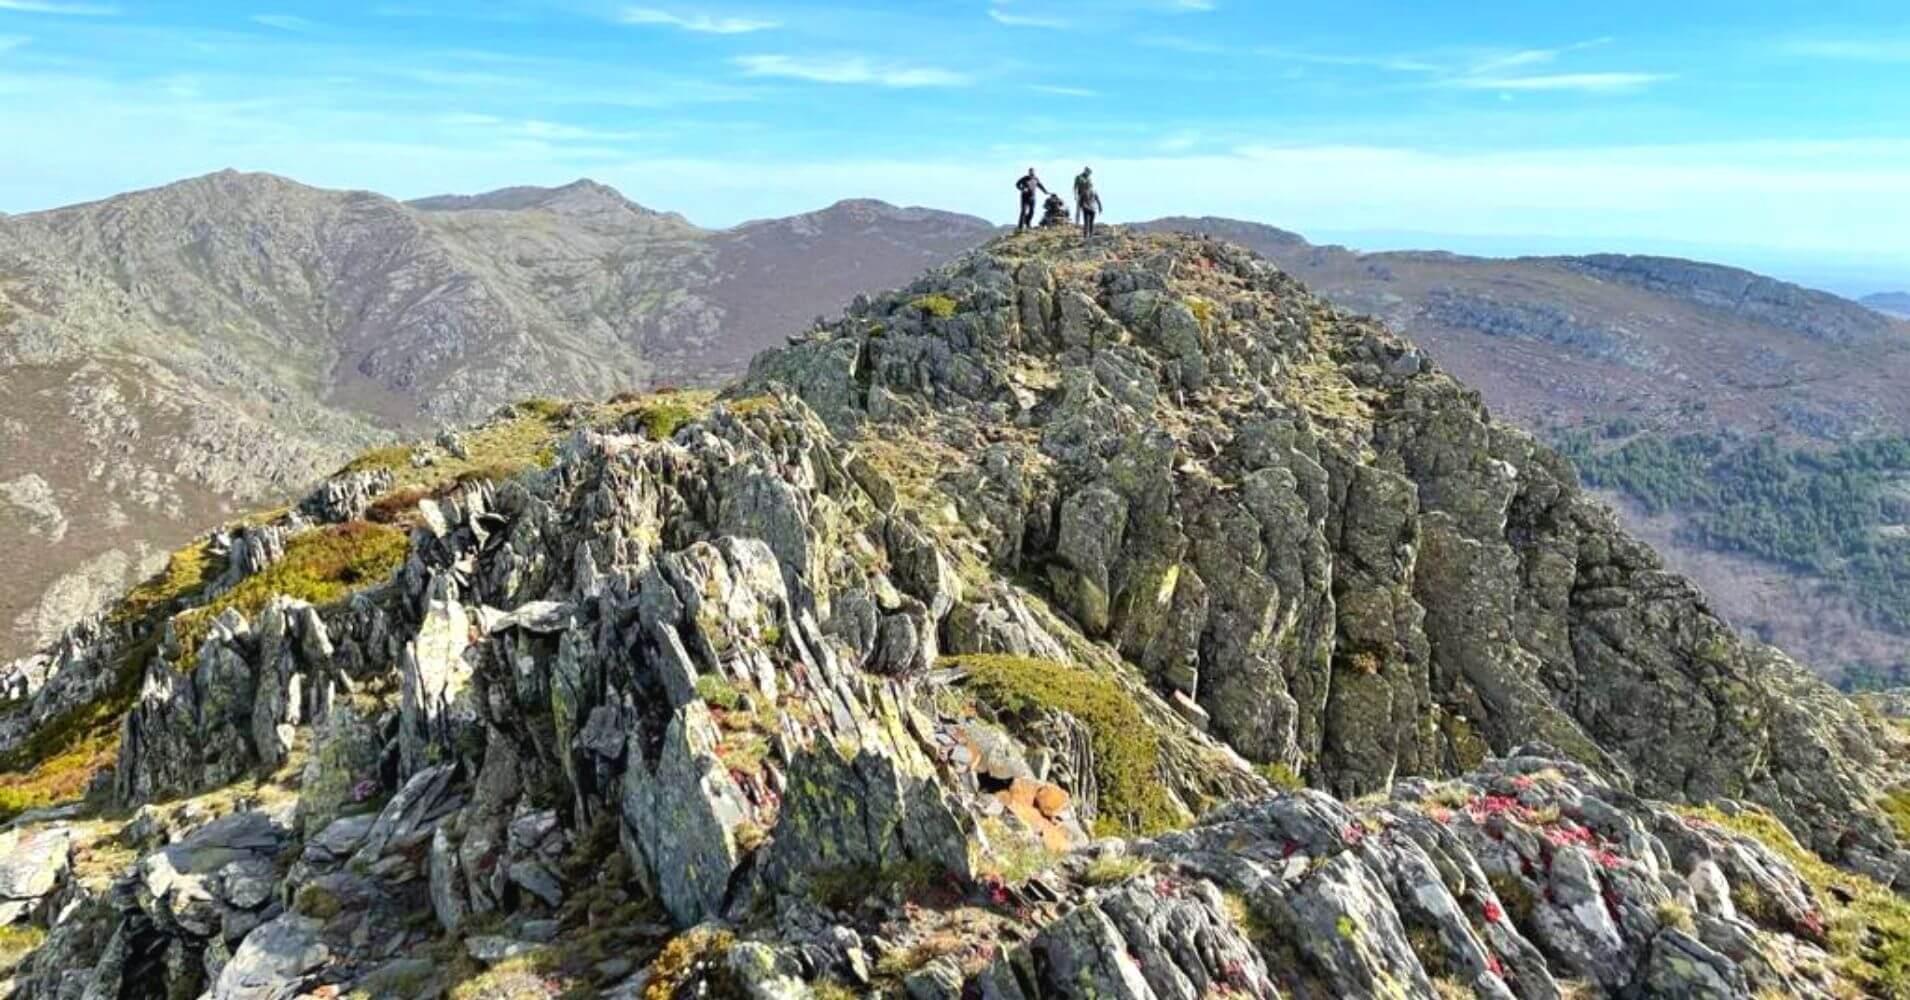 Cumbre del Pico de la Atalaya. Sierra de Ayllón. Guadalajara, Castilla La Mancha.